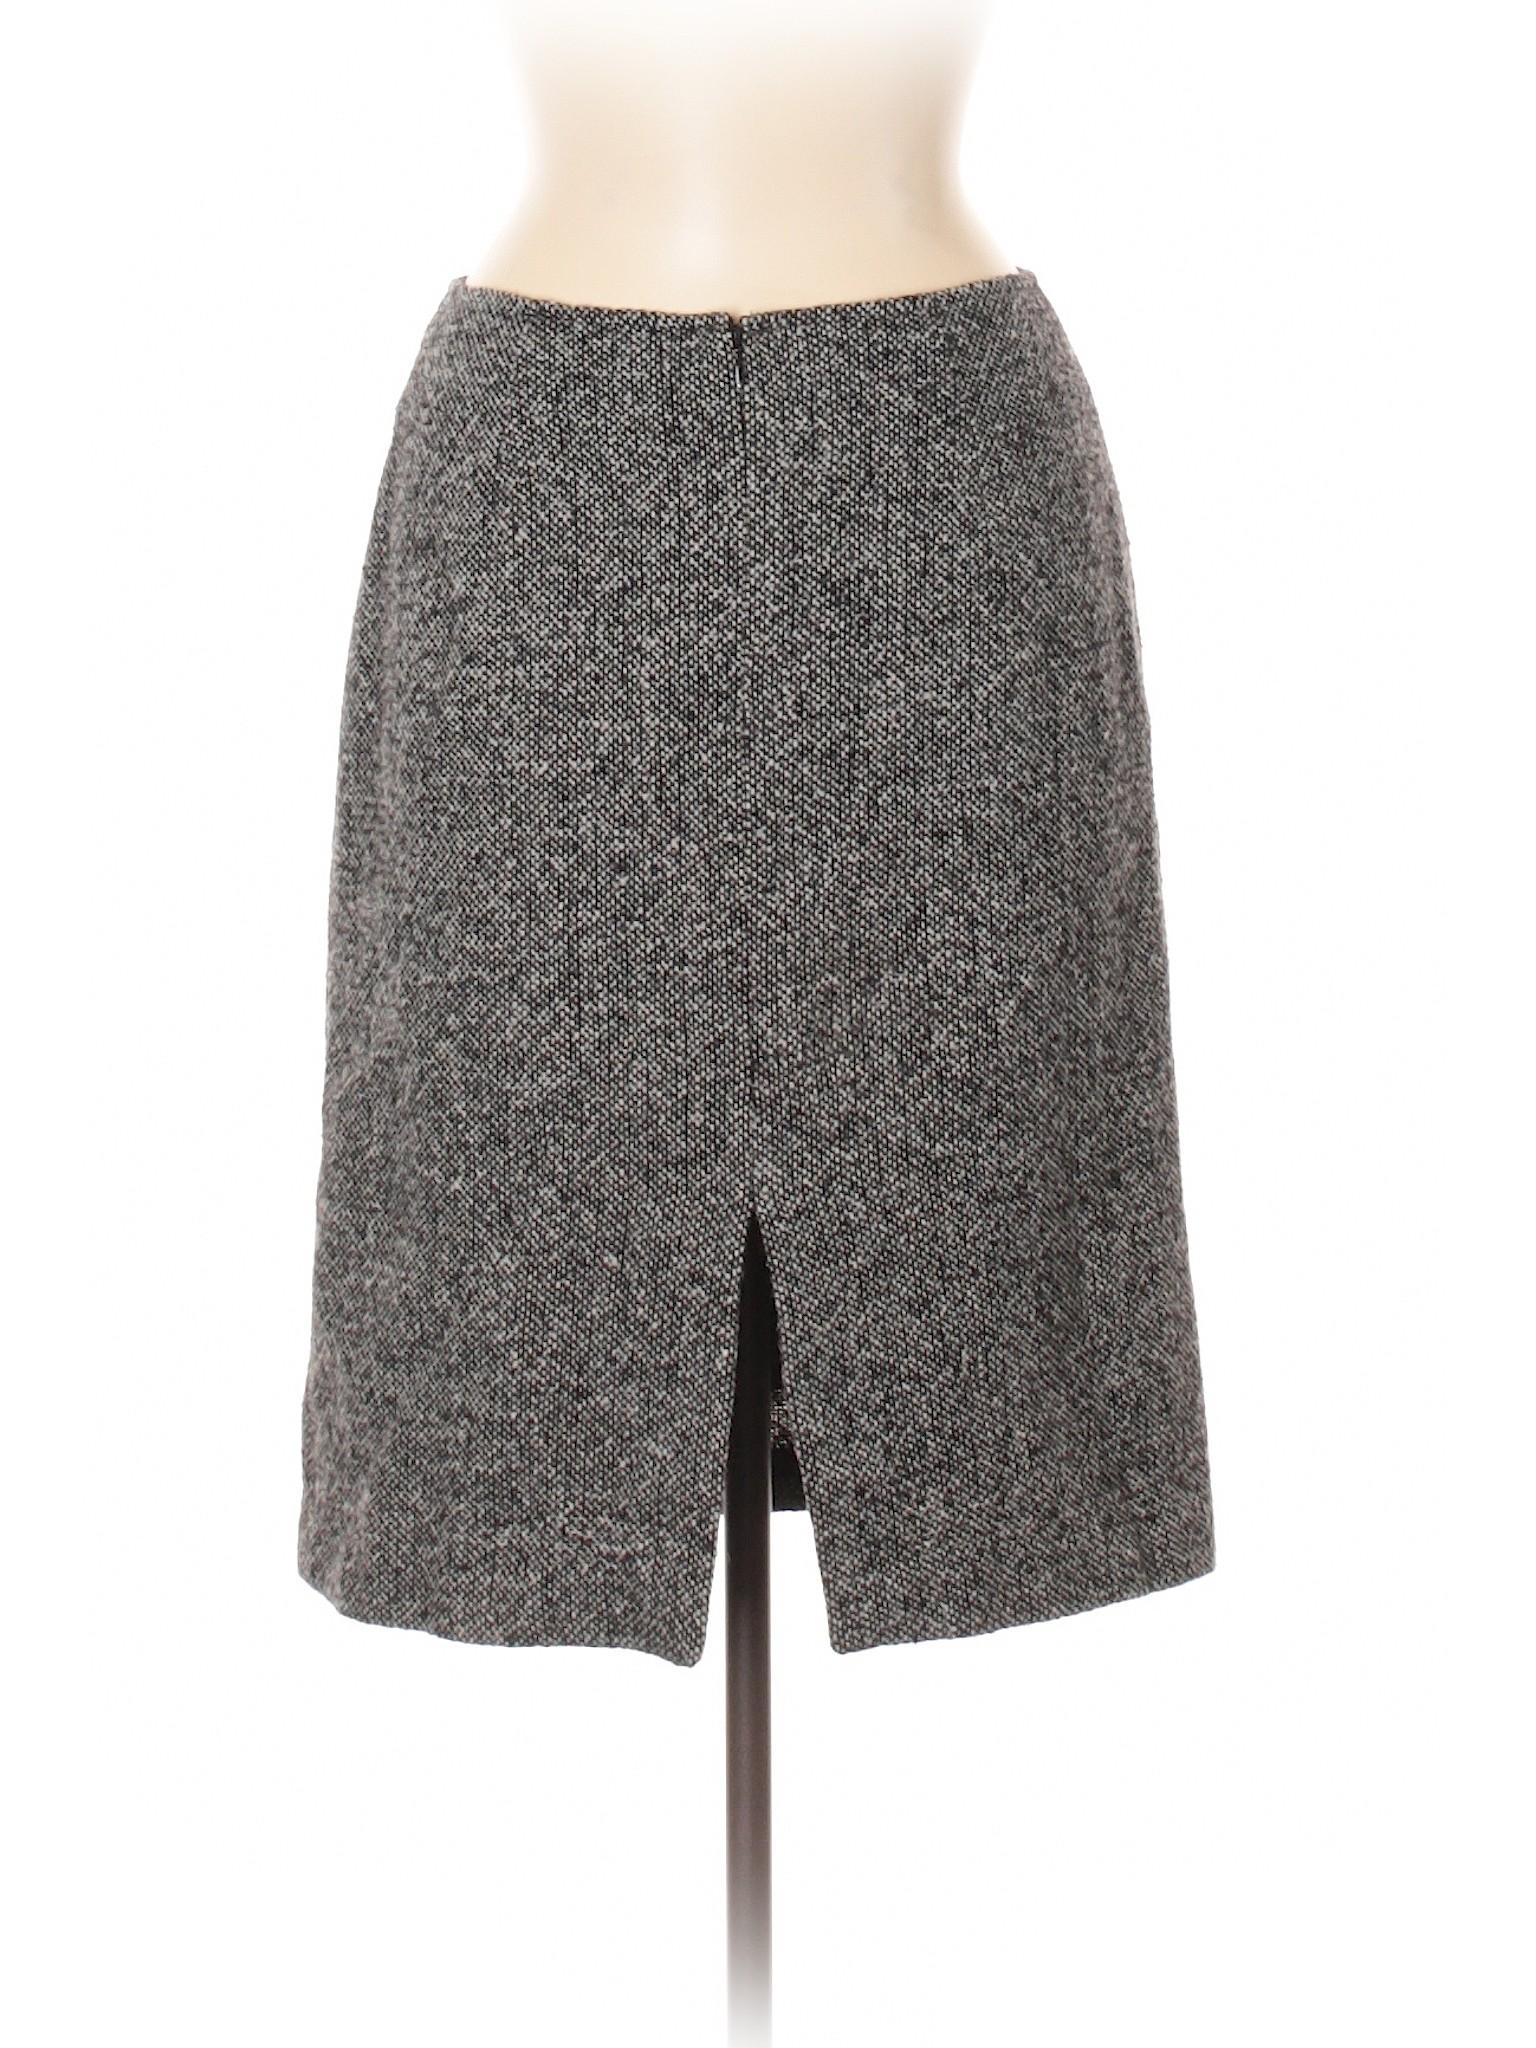 Casual Boutique Skirt Casual Boutique Skirt Boutique qIOpRyw